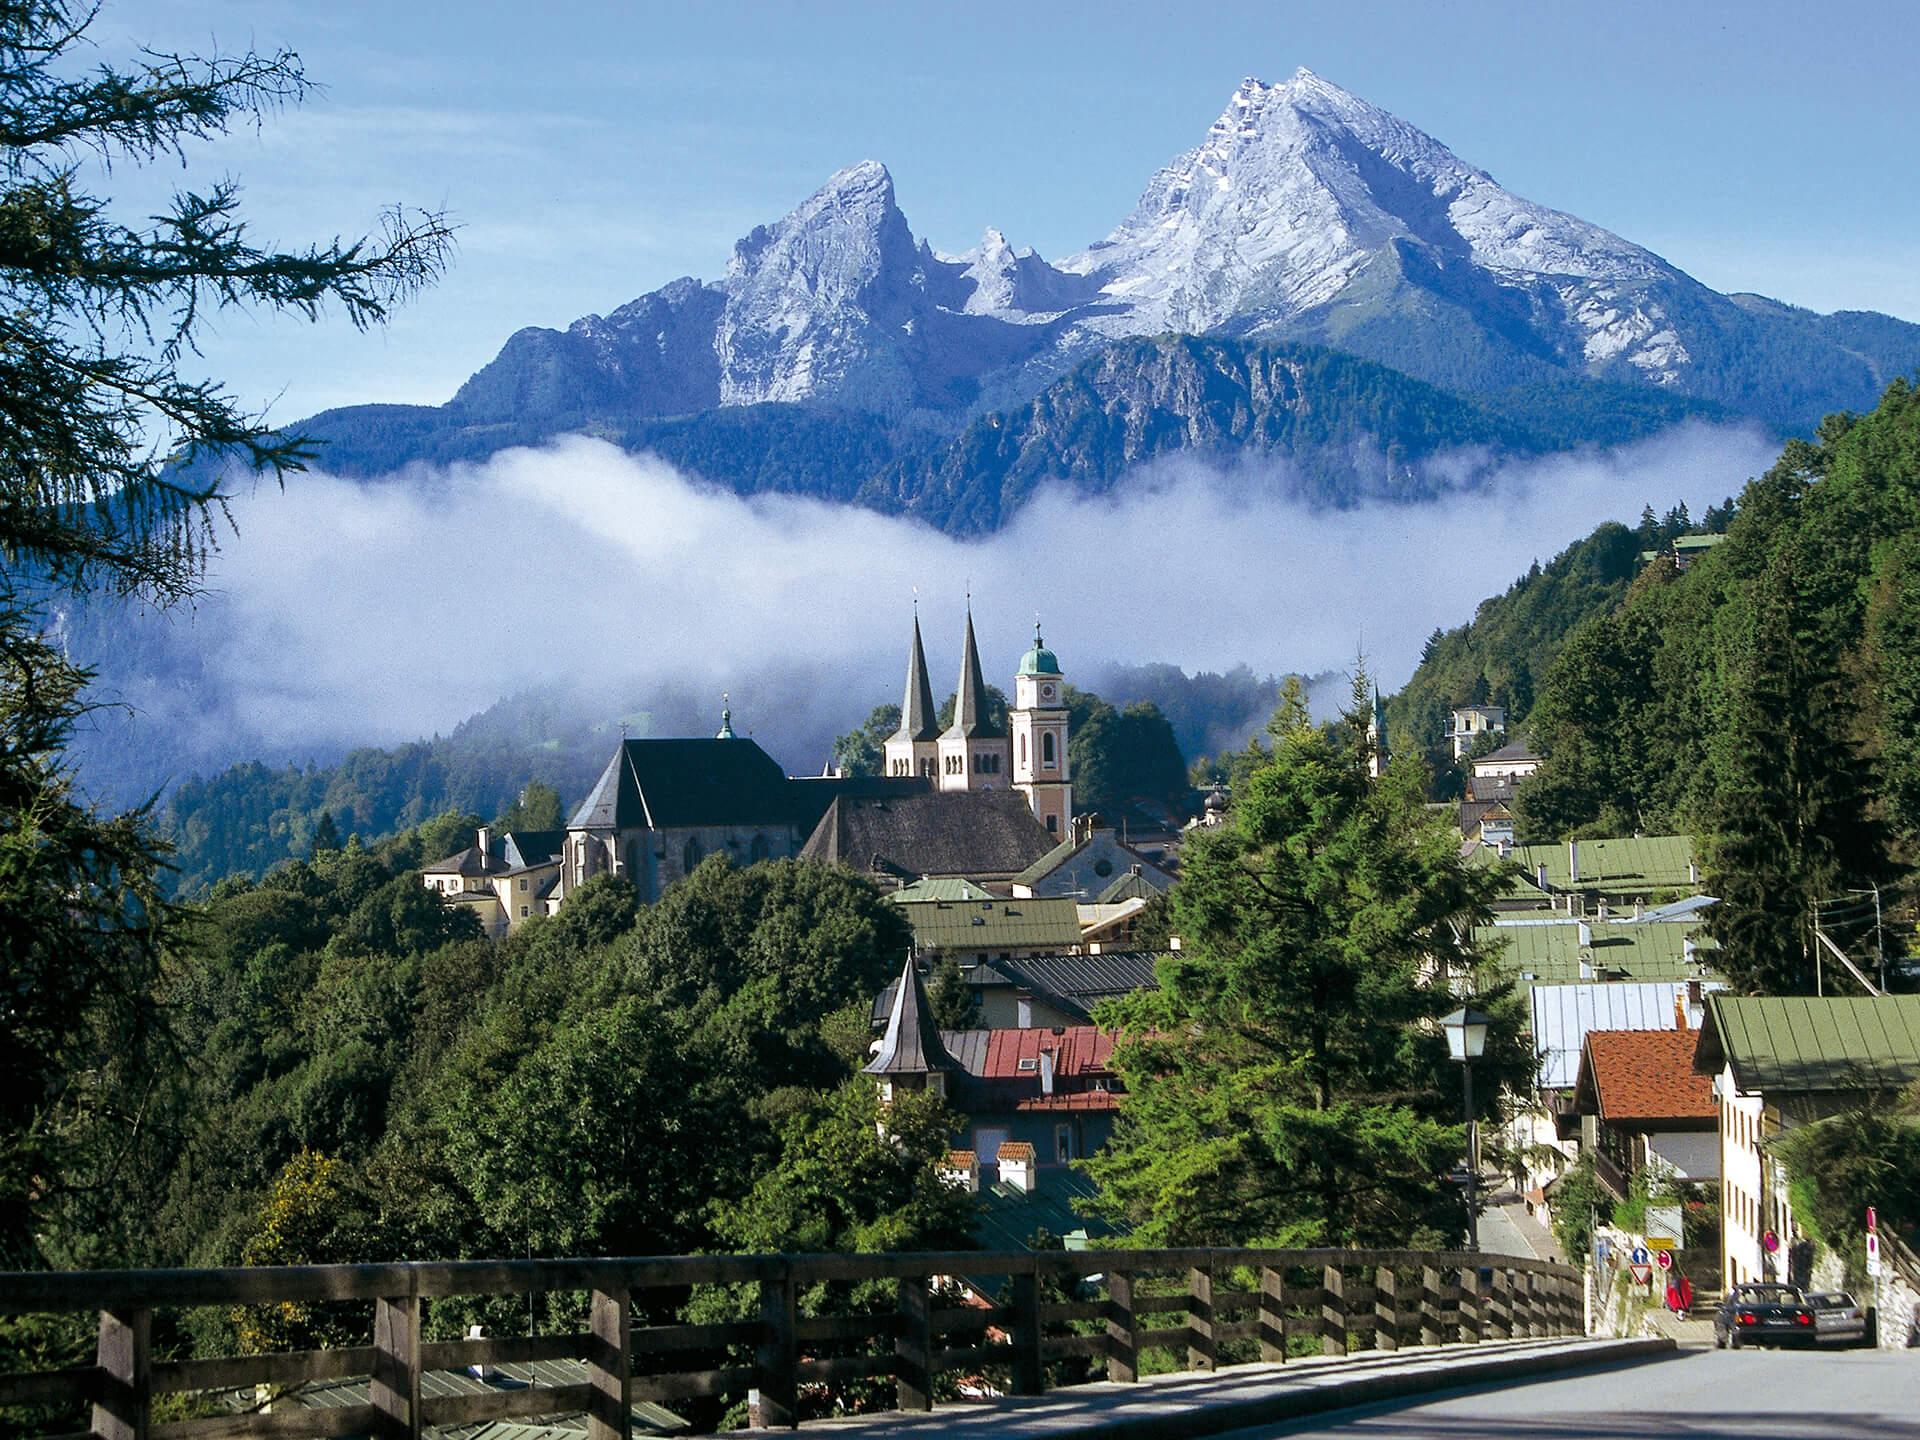 Bestattung_Walch_Berchtesgaden.jpg